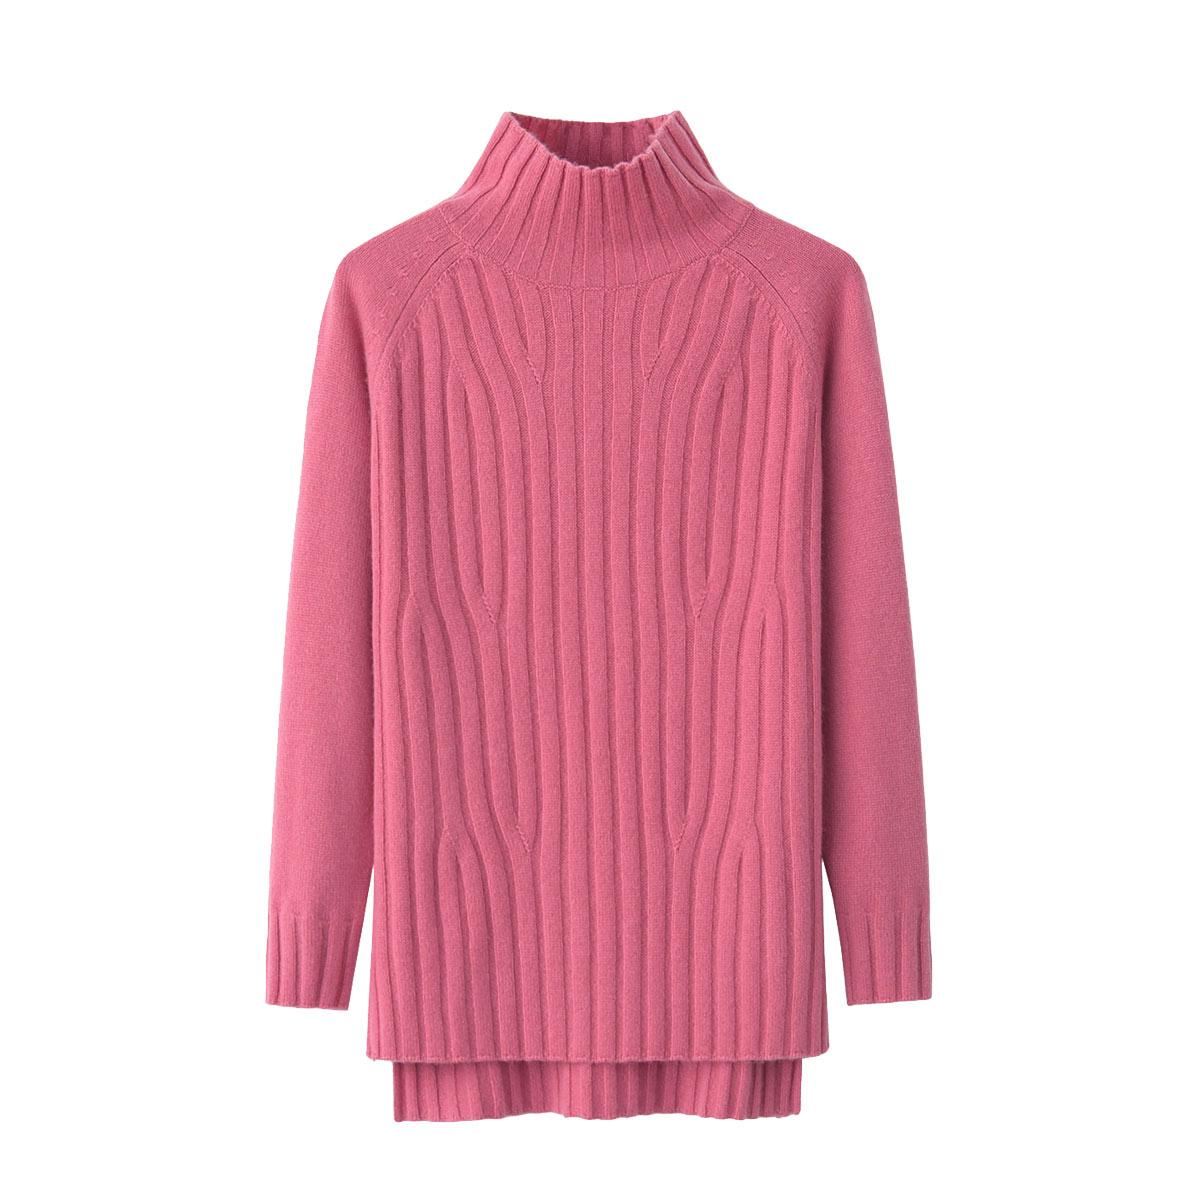 韩版宽松女士羊绒衫半高领开叉针织中长款时尚秋冬女装长袖毛衣新